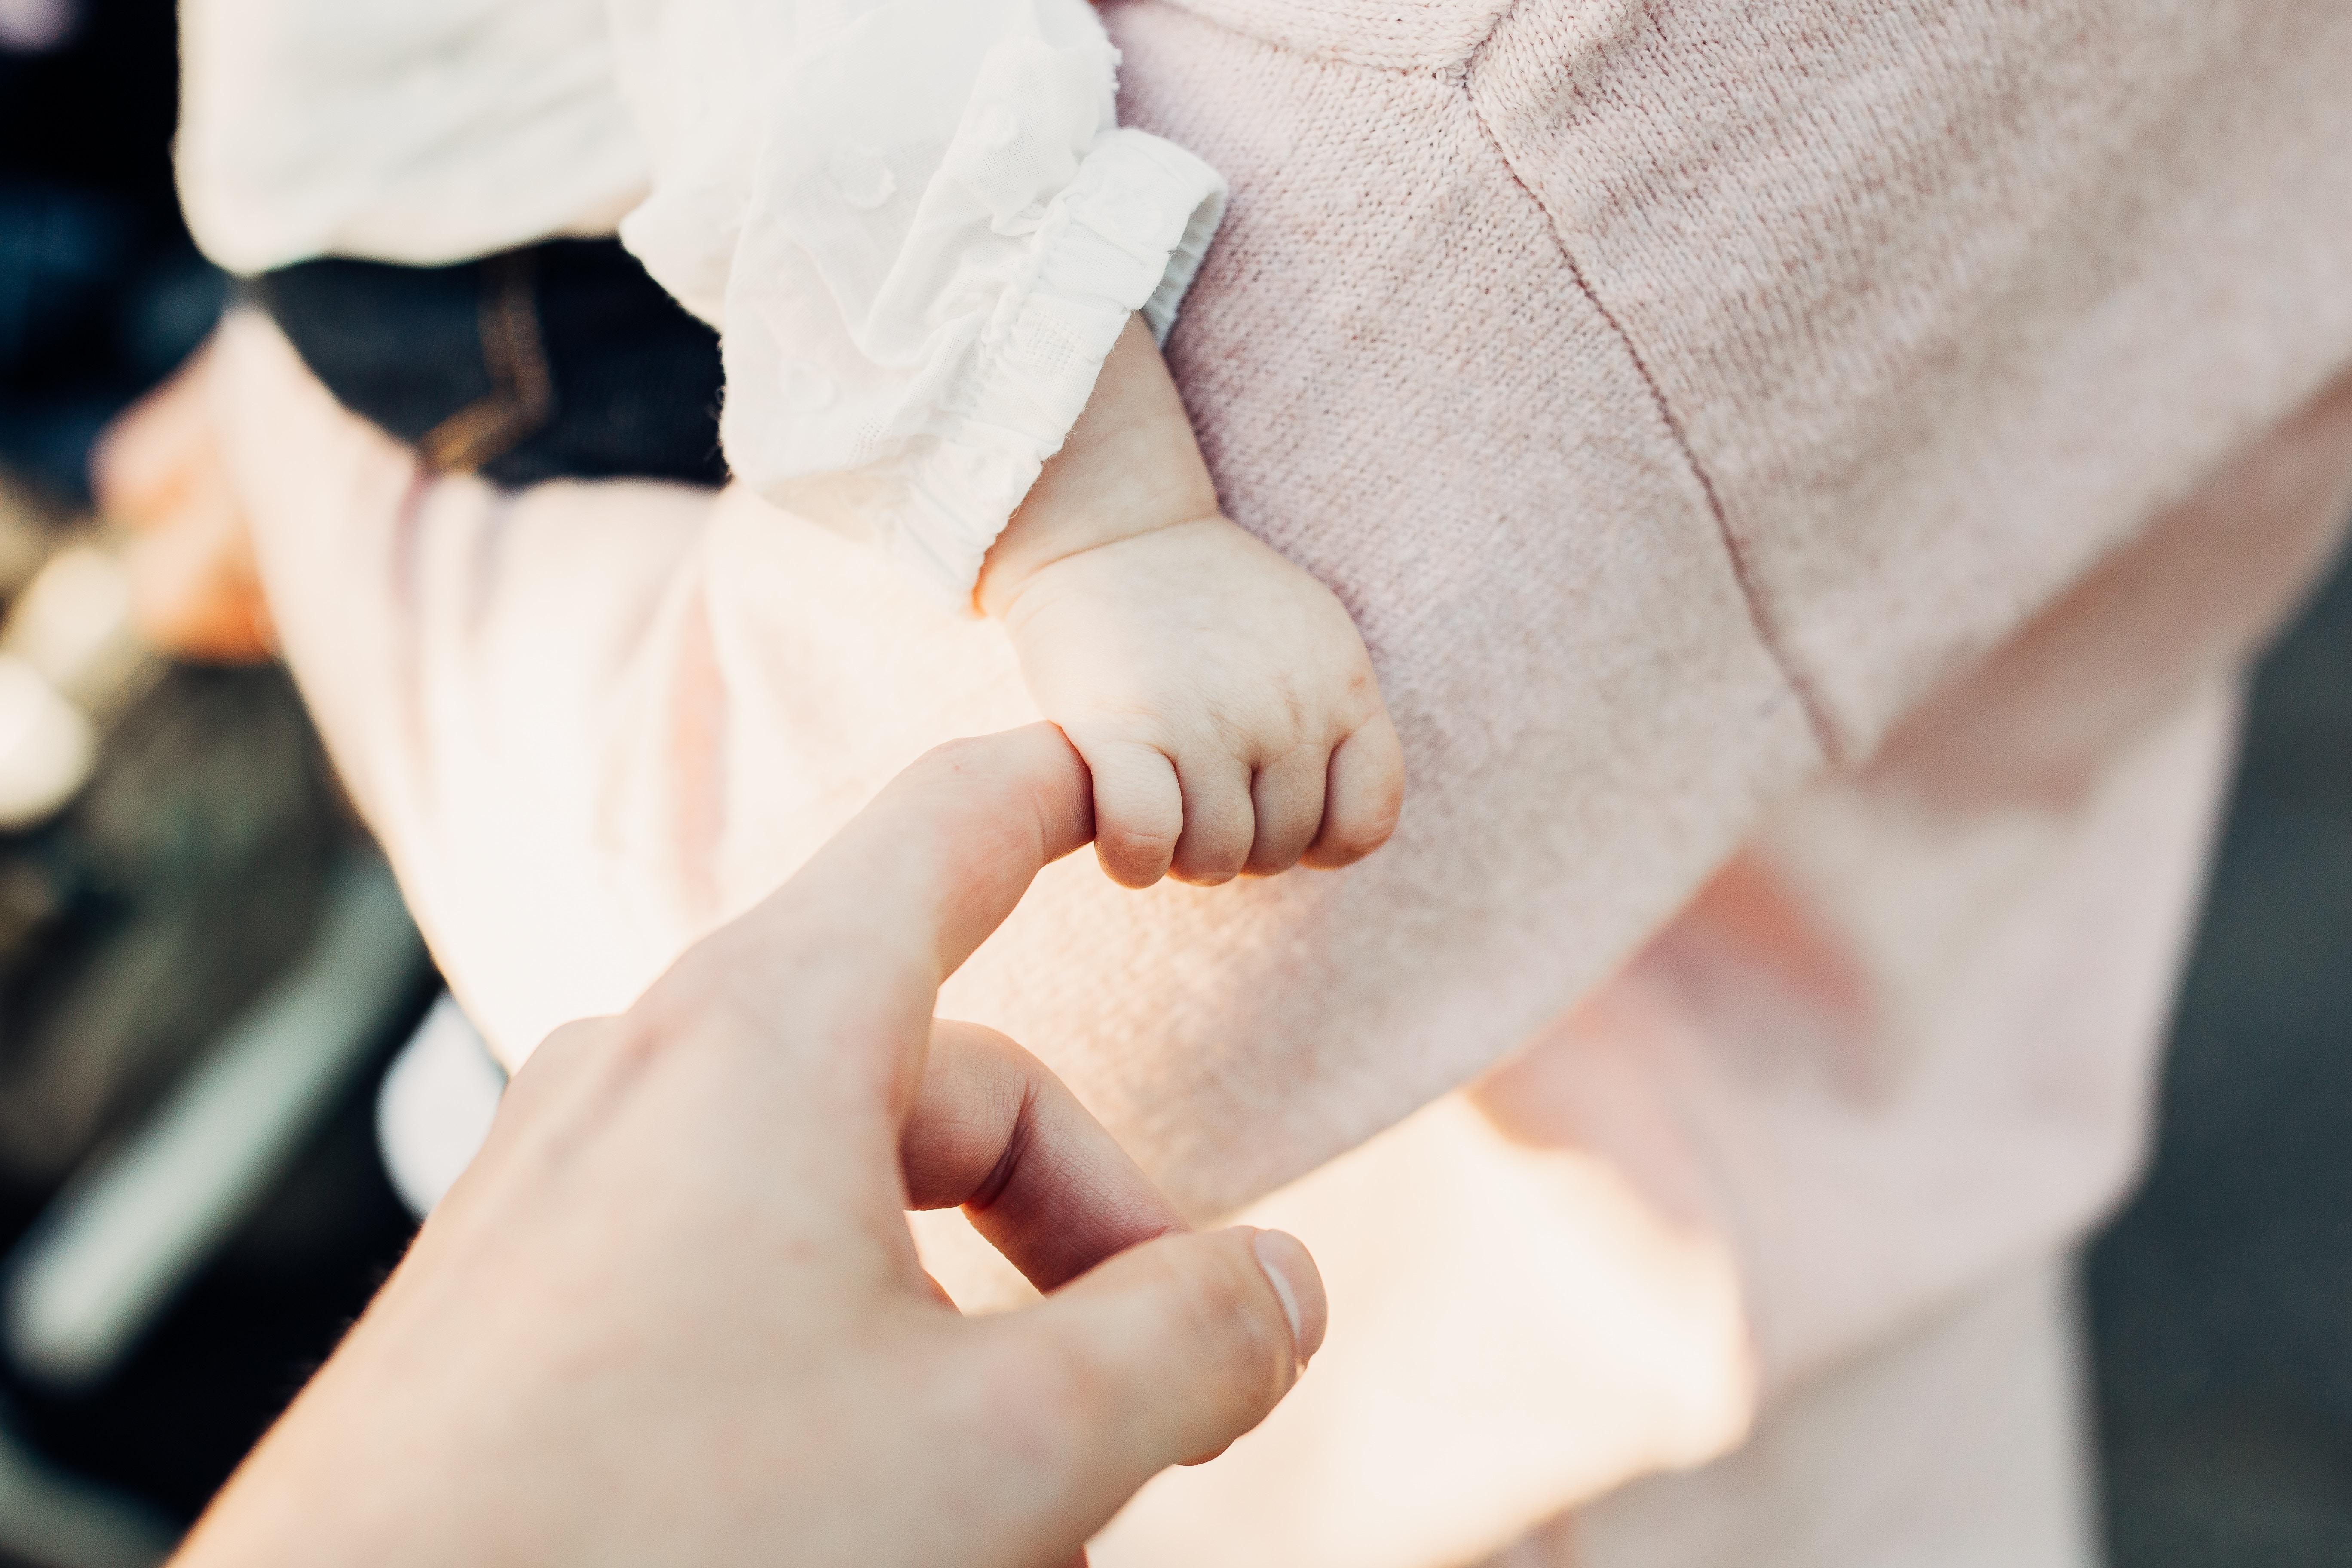 Niemowlę na rękach mamy; trzyma tatę za palec /Ilustracja do tekstu: Bon opiekuńczy: wieloraczki - nowe świadczenie dla rodziców